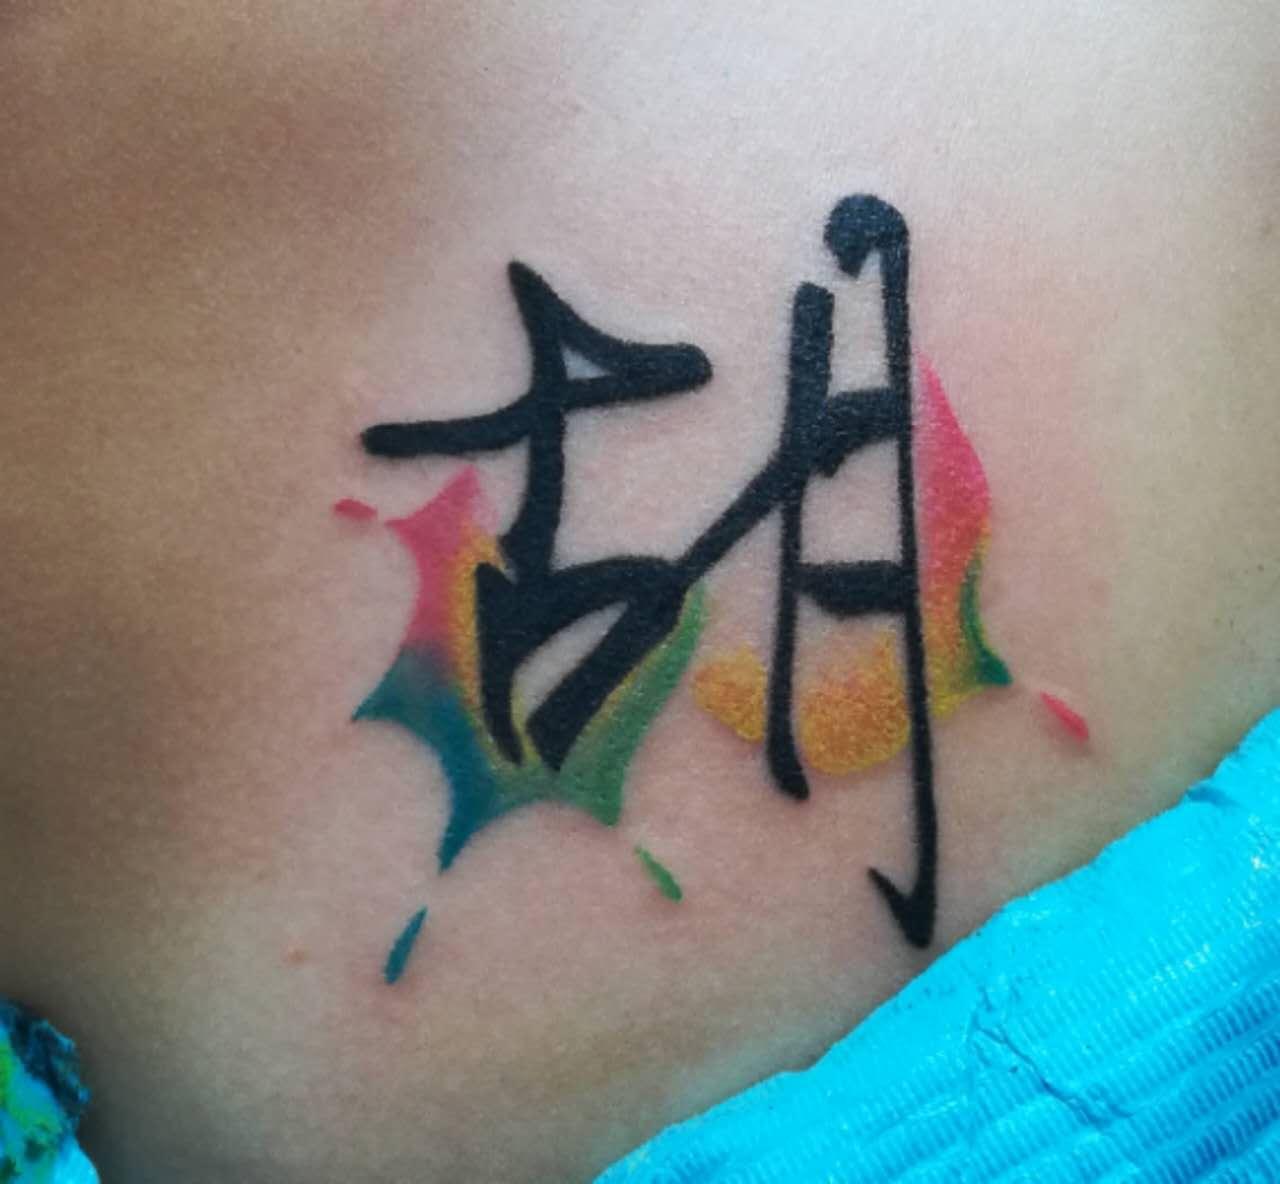 鄭州天龍紋身談人體穿刺完全愈合的時間表|鄭州刺青-鄭州天龍紋身工作室